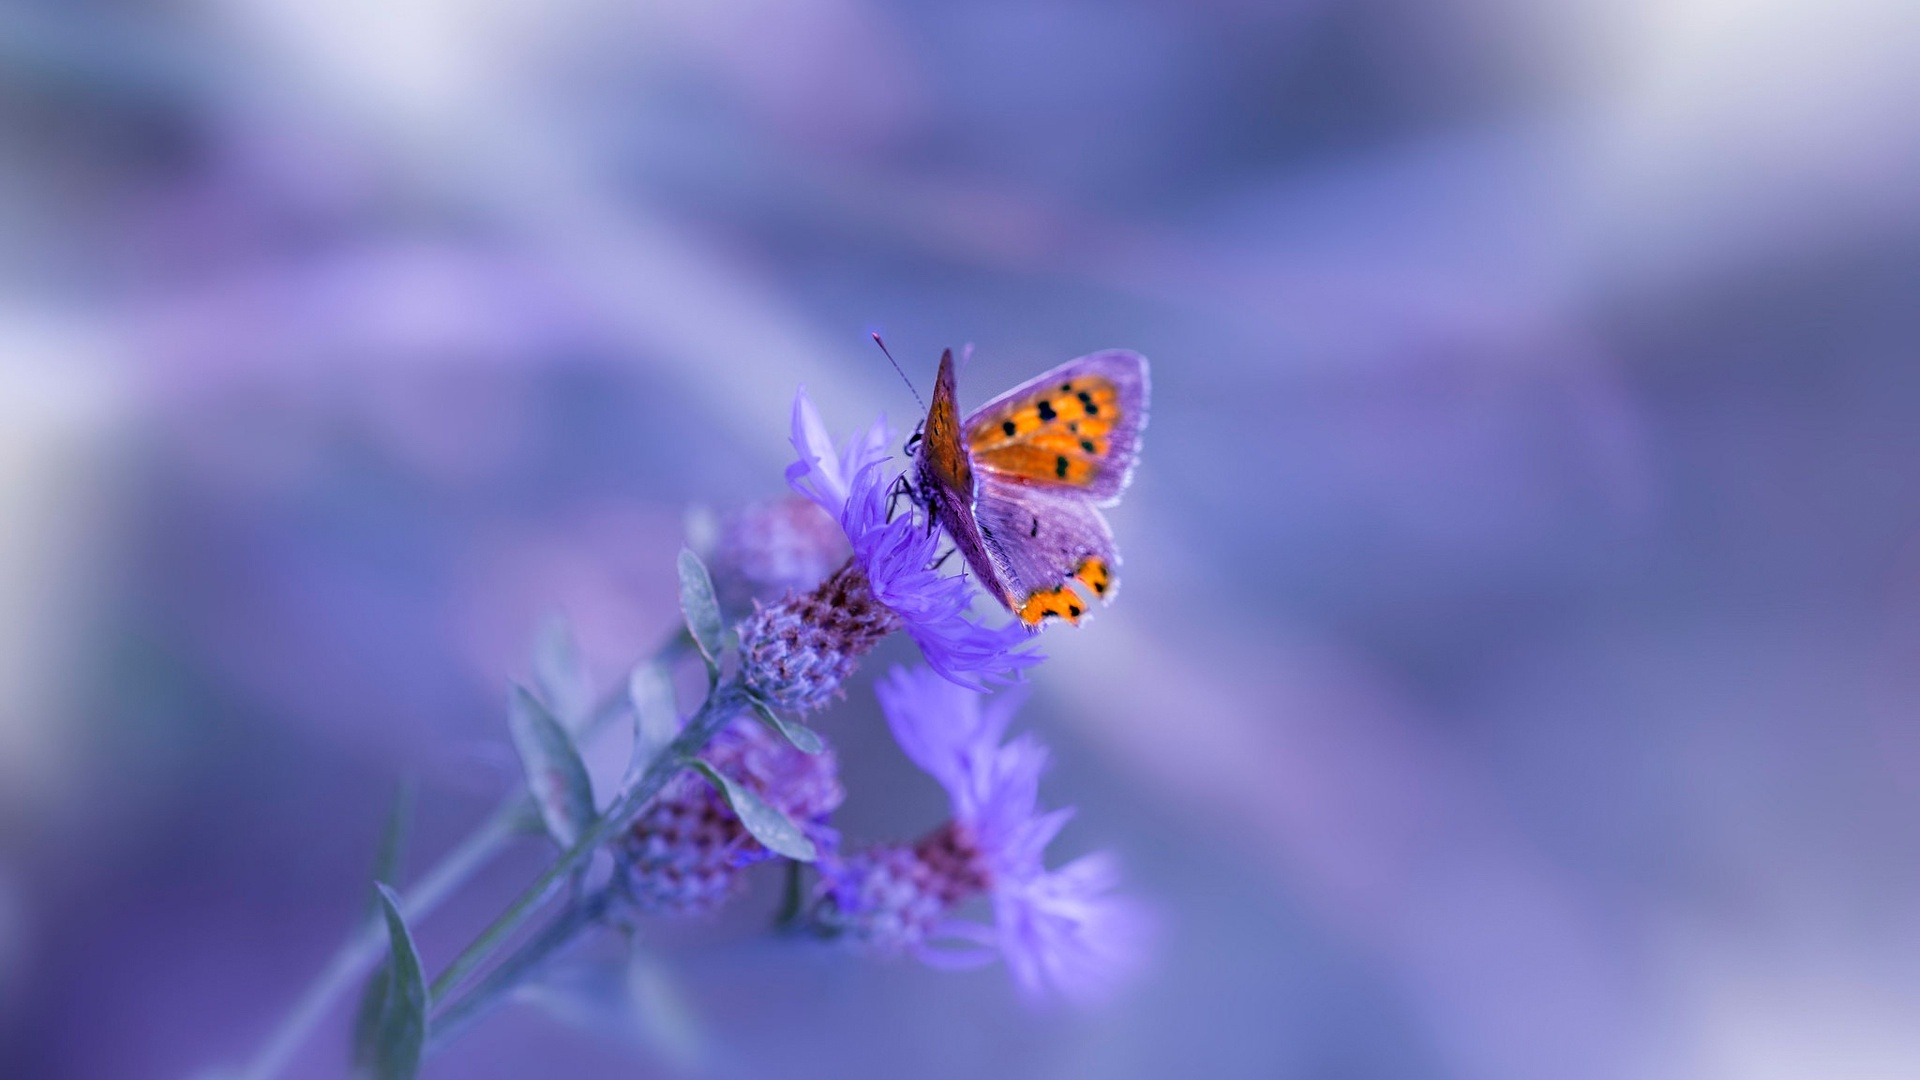 1920x1080 Butterfly Purple Flower Laptop Full HD 1080P HD ...